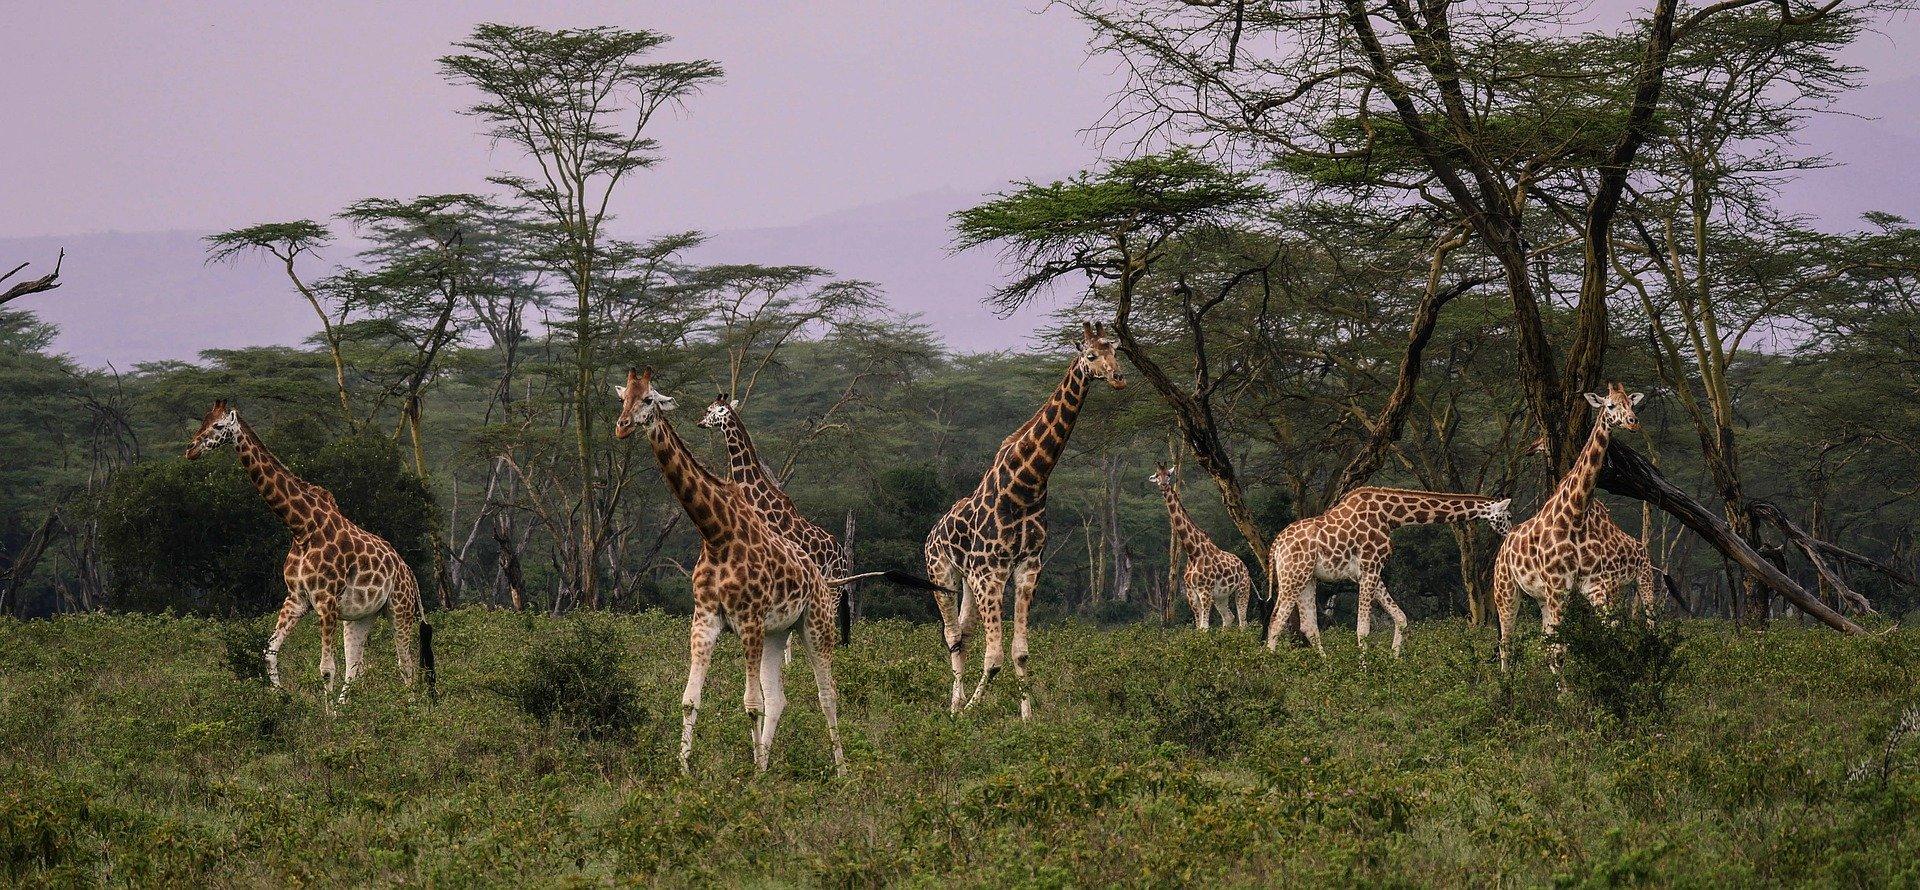 Krásy černého kontinentu – východní Afrika